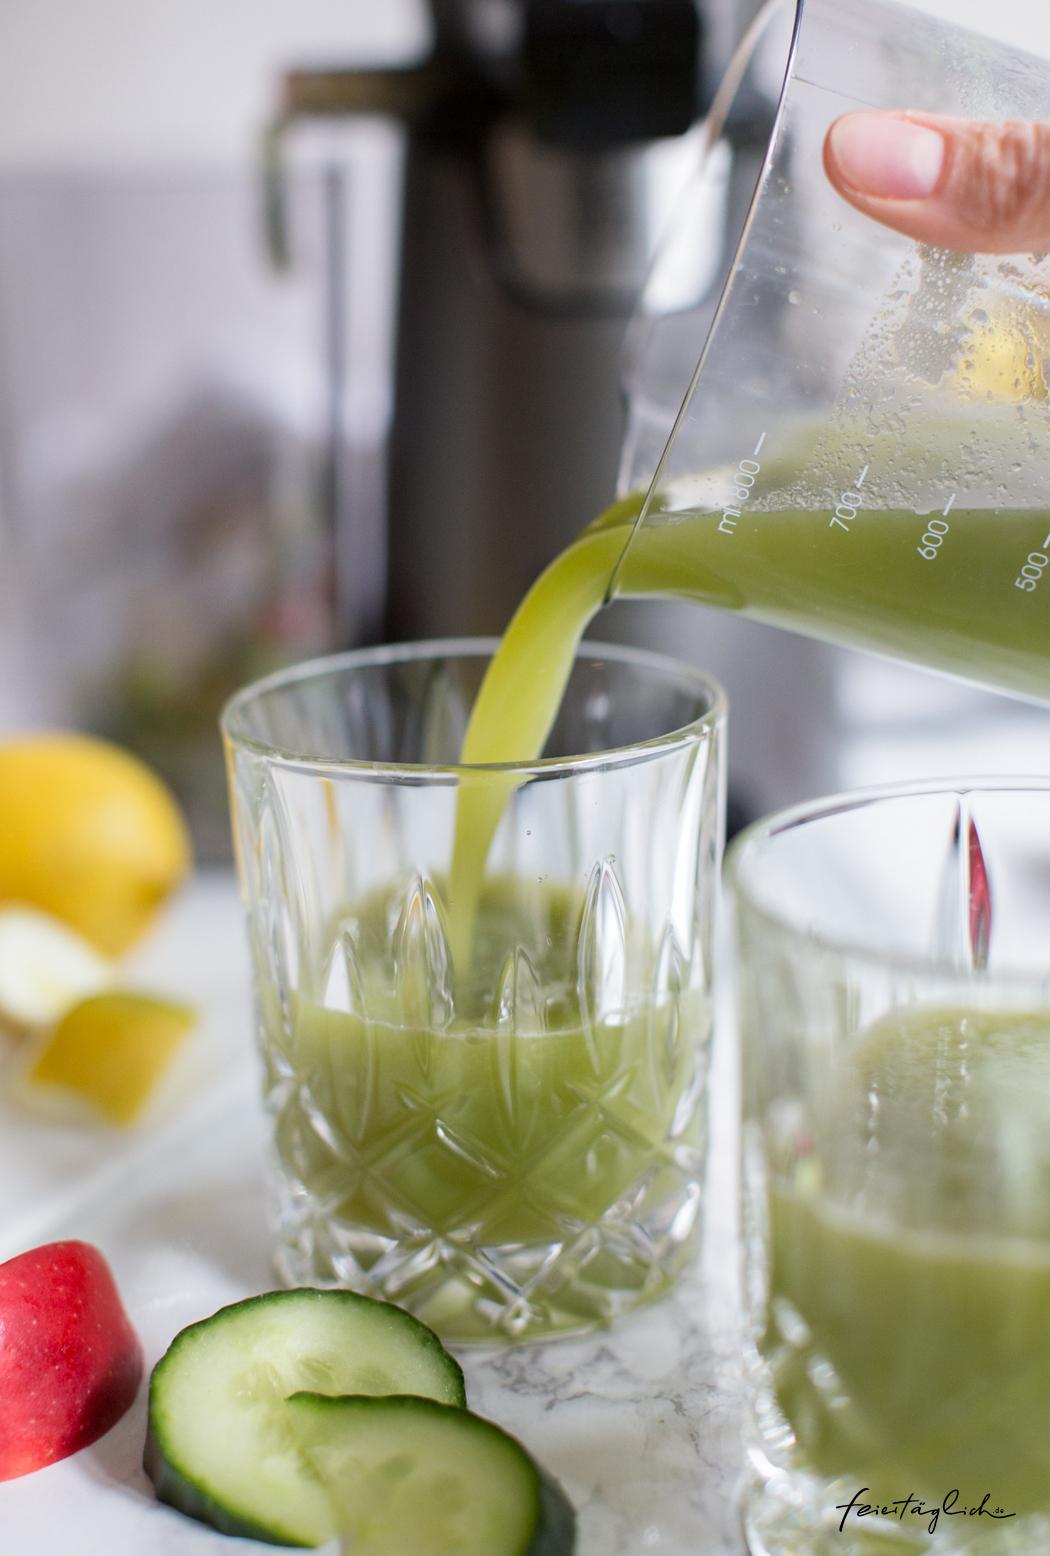 KickStart ins neue Jahr mit frischem Gurke-Apfel-Ingwer-Zitrone Saft, grüner Ingwer-Shot als Boost fürs Immunsystem